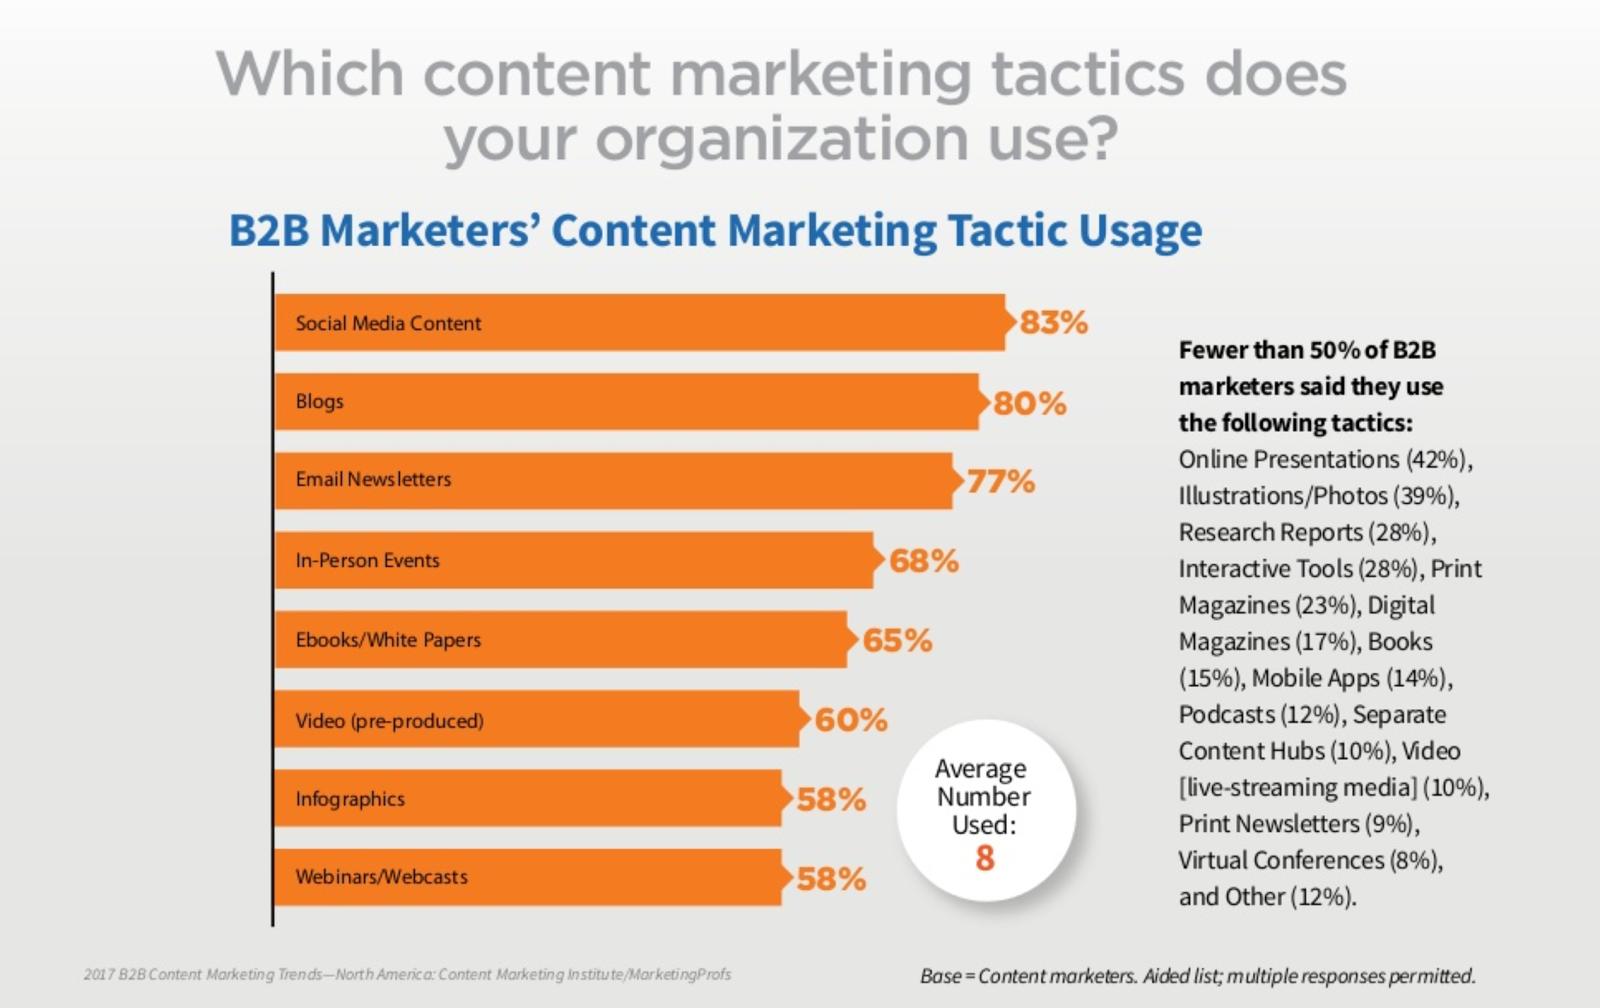 Social mediaisa popular B2B marketing channel